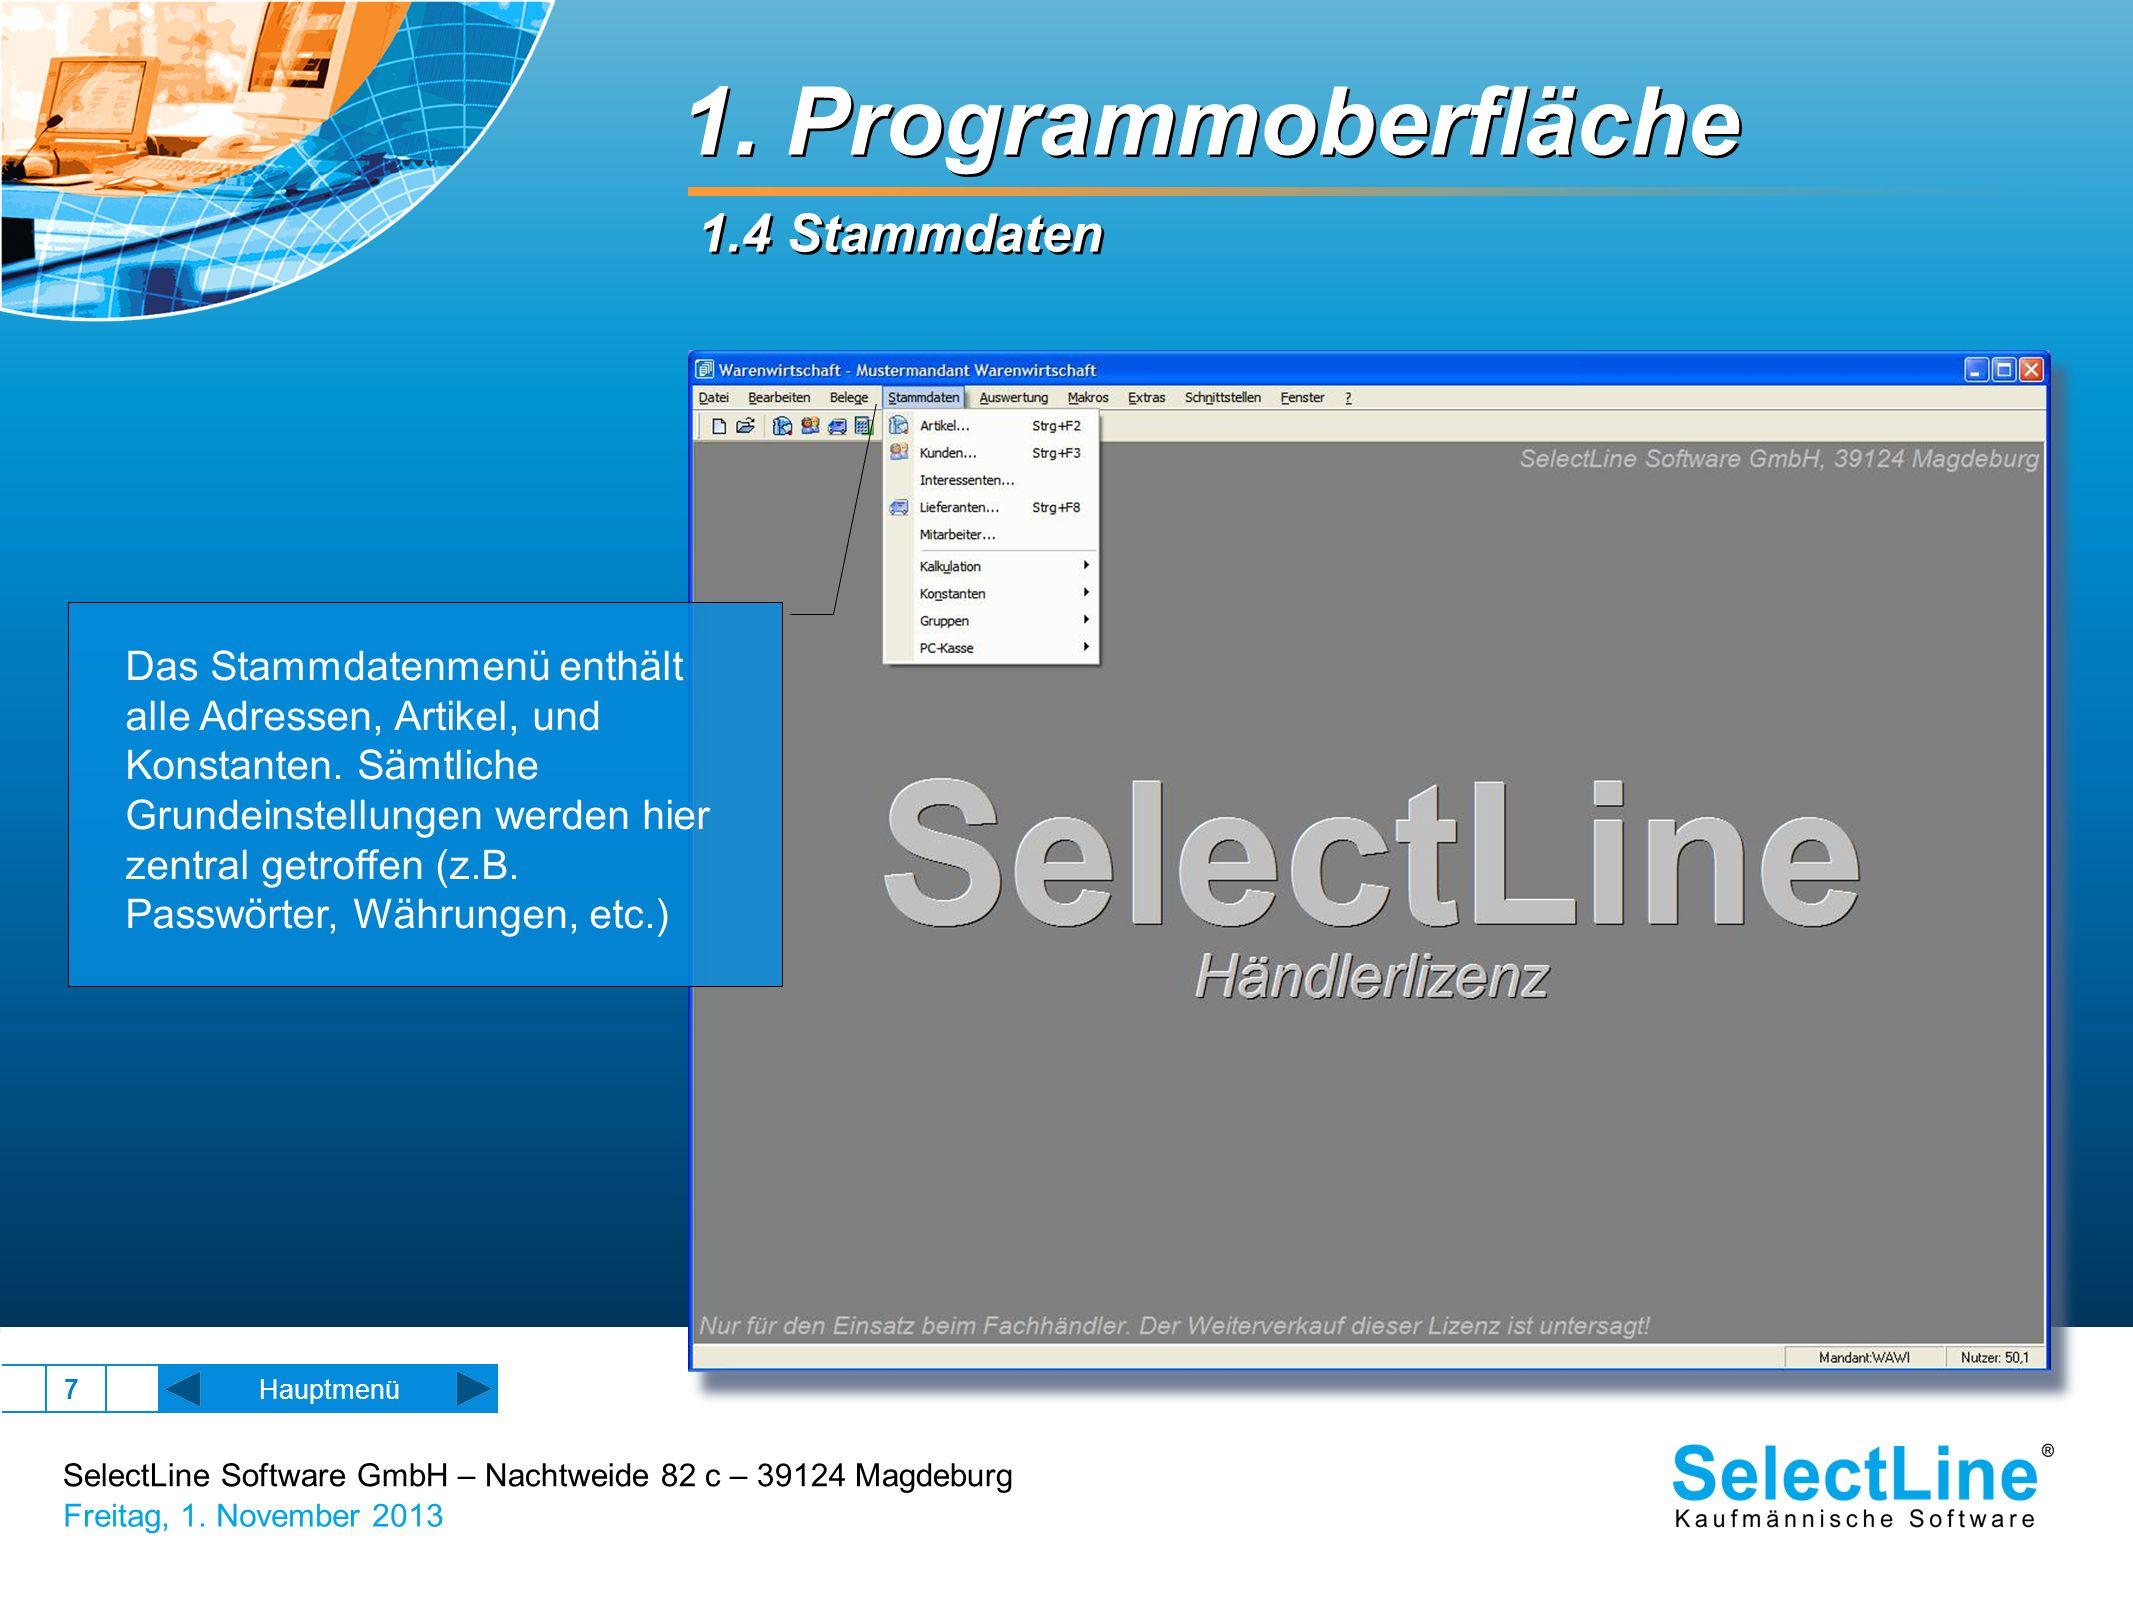 SelectLine Software GmbH – Nachtweide 82 c – 39124 Magdeburg Freitag, 1. November 2013 7 1. Programmoberfläche 1.4 Stammdaten Das Stammdatenmenü enthä